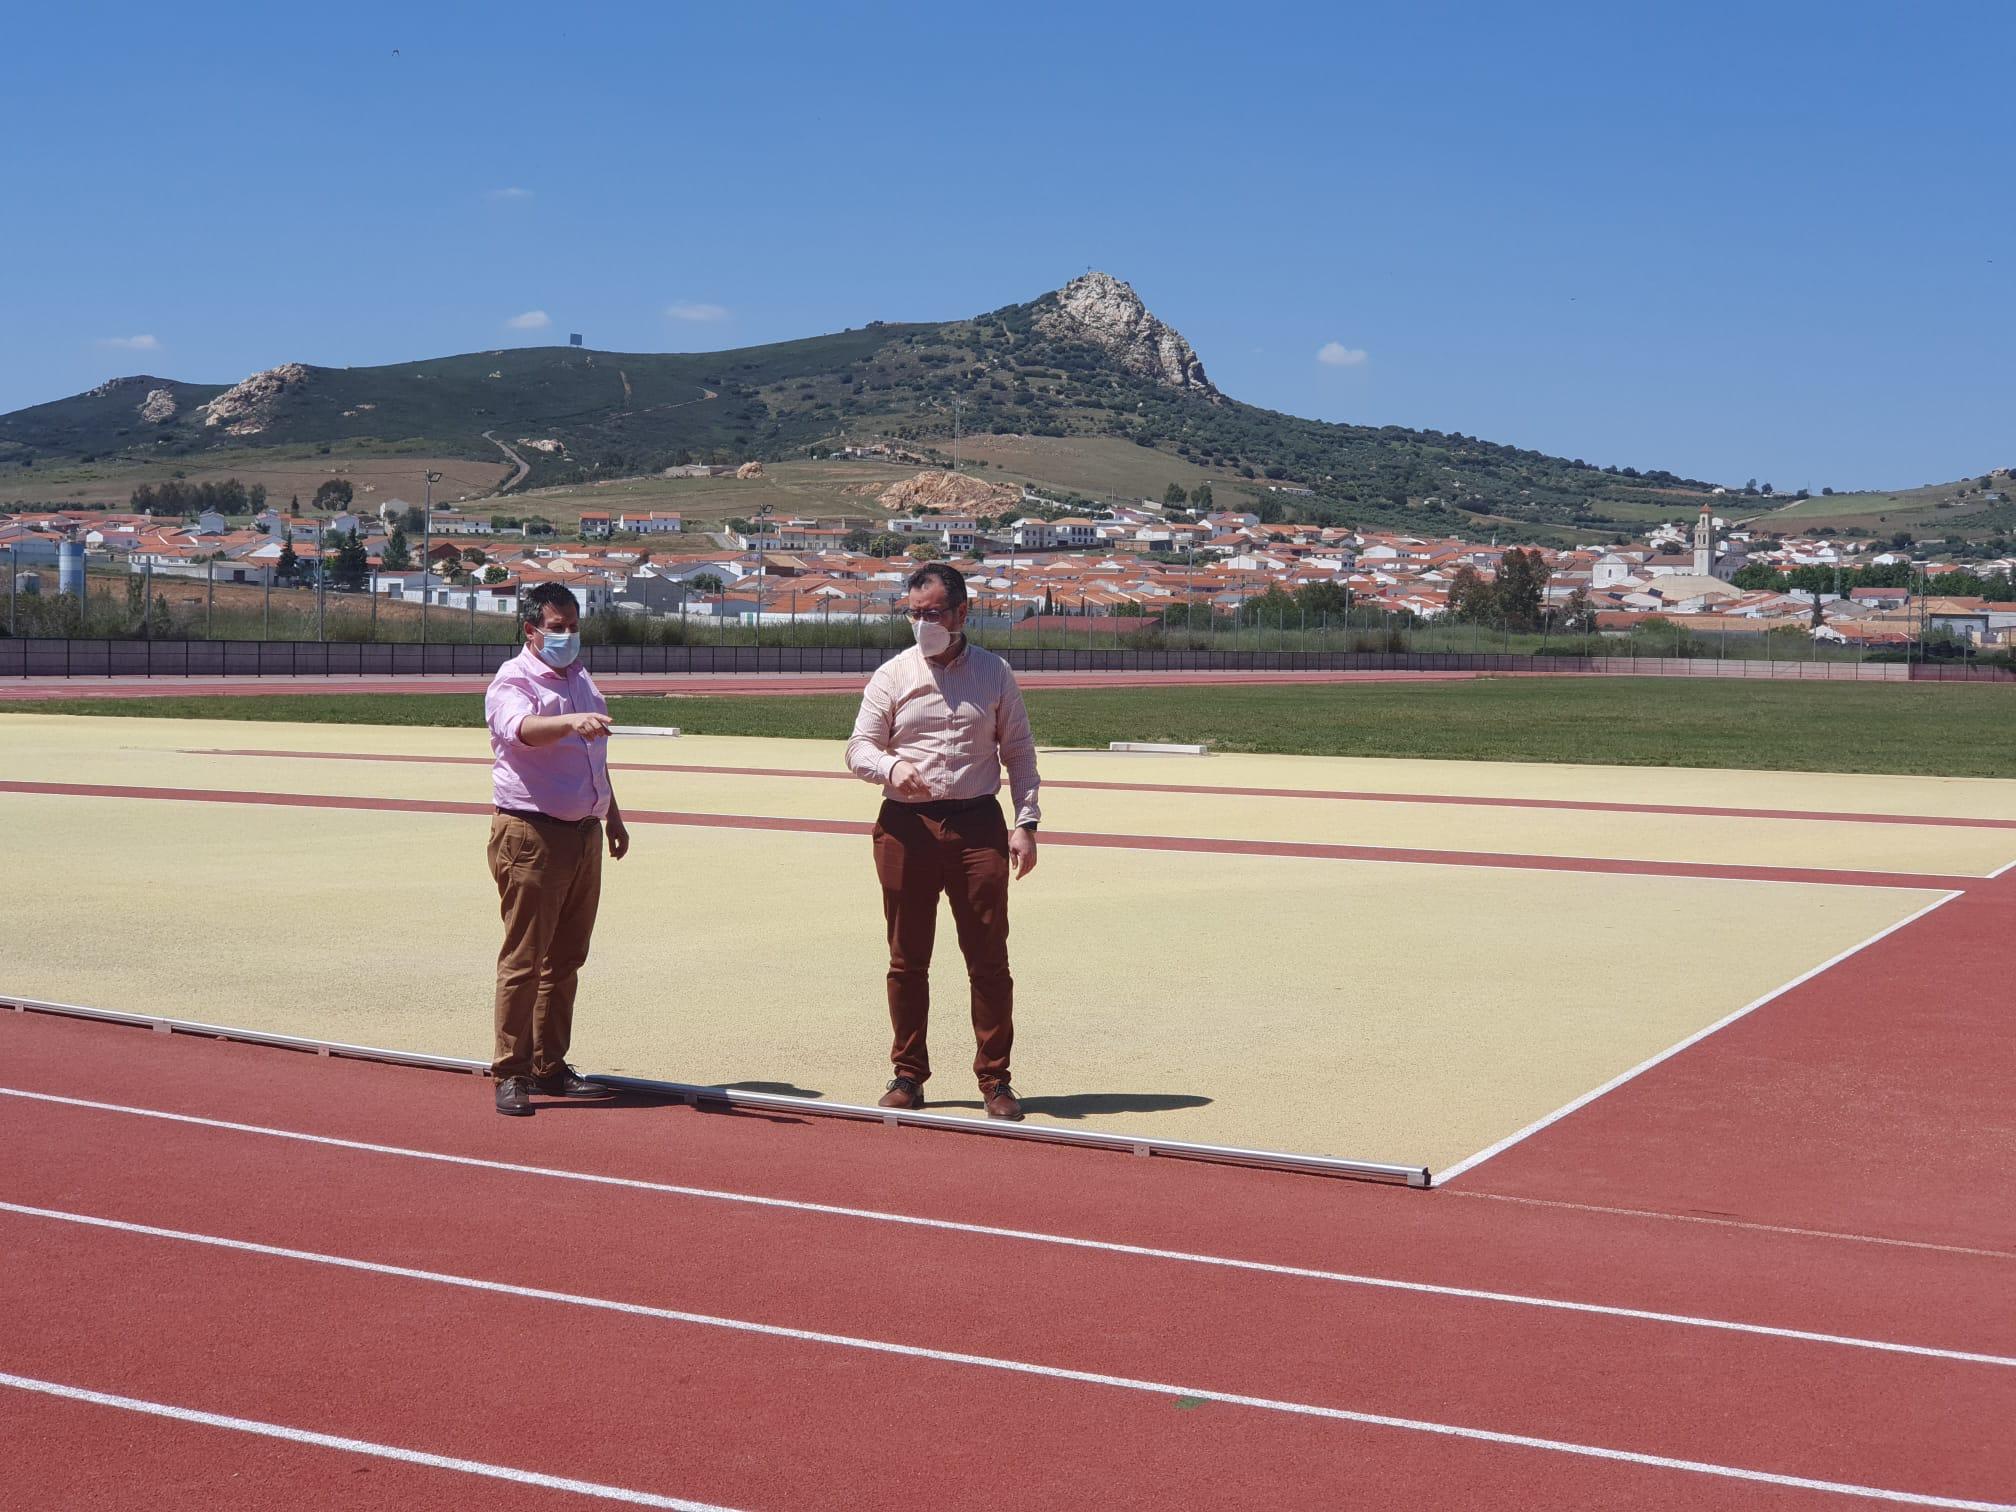 El Ayuntamiento Adapta la Pista de Atletismo a la Nueva Normativa